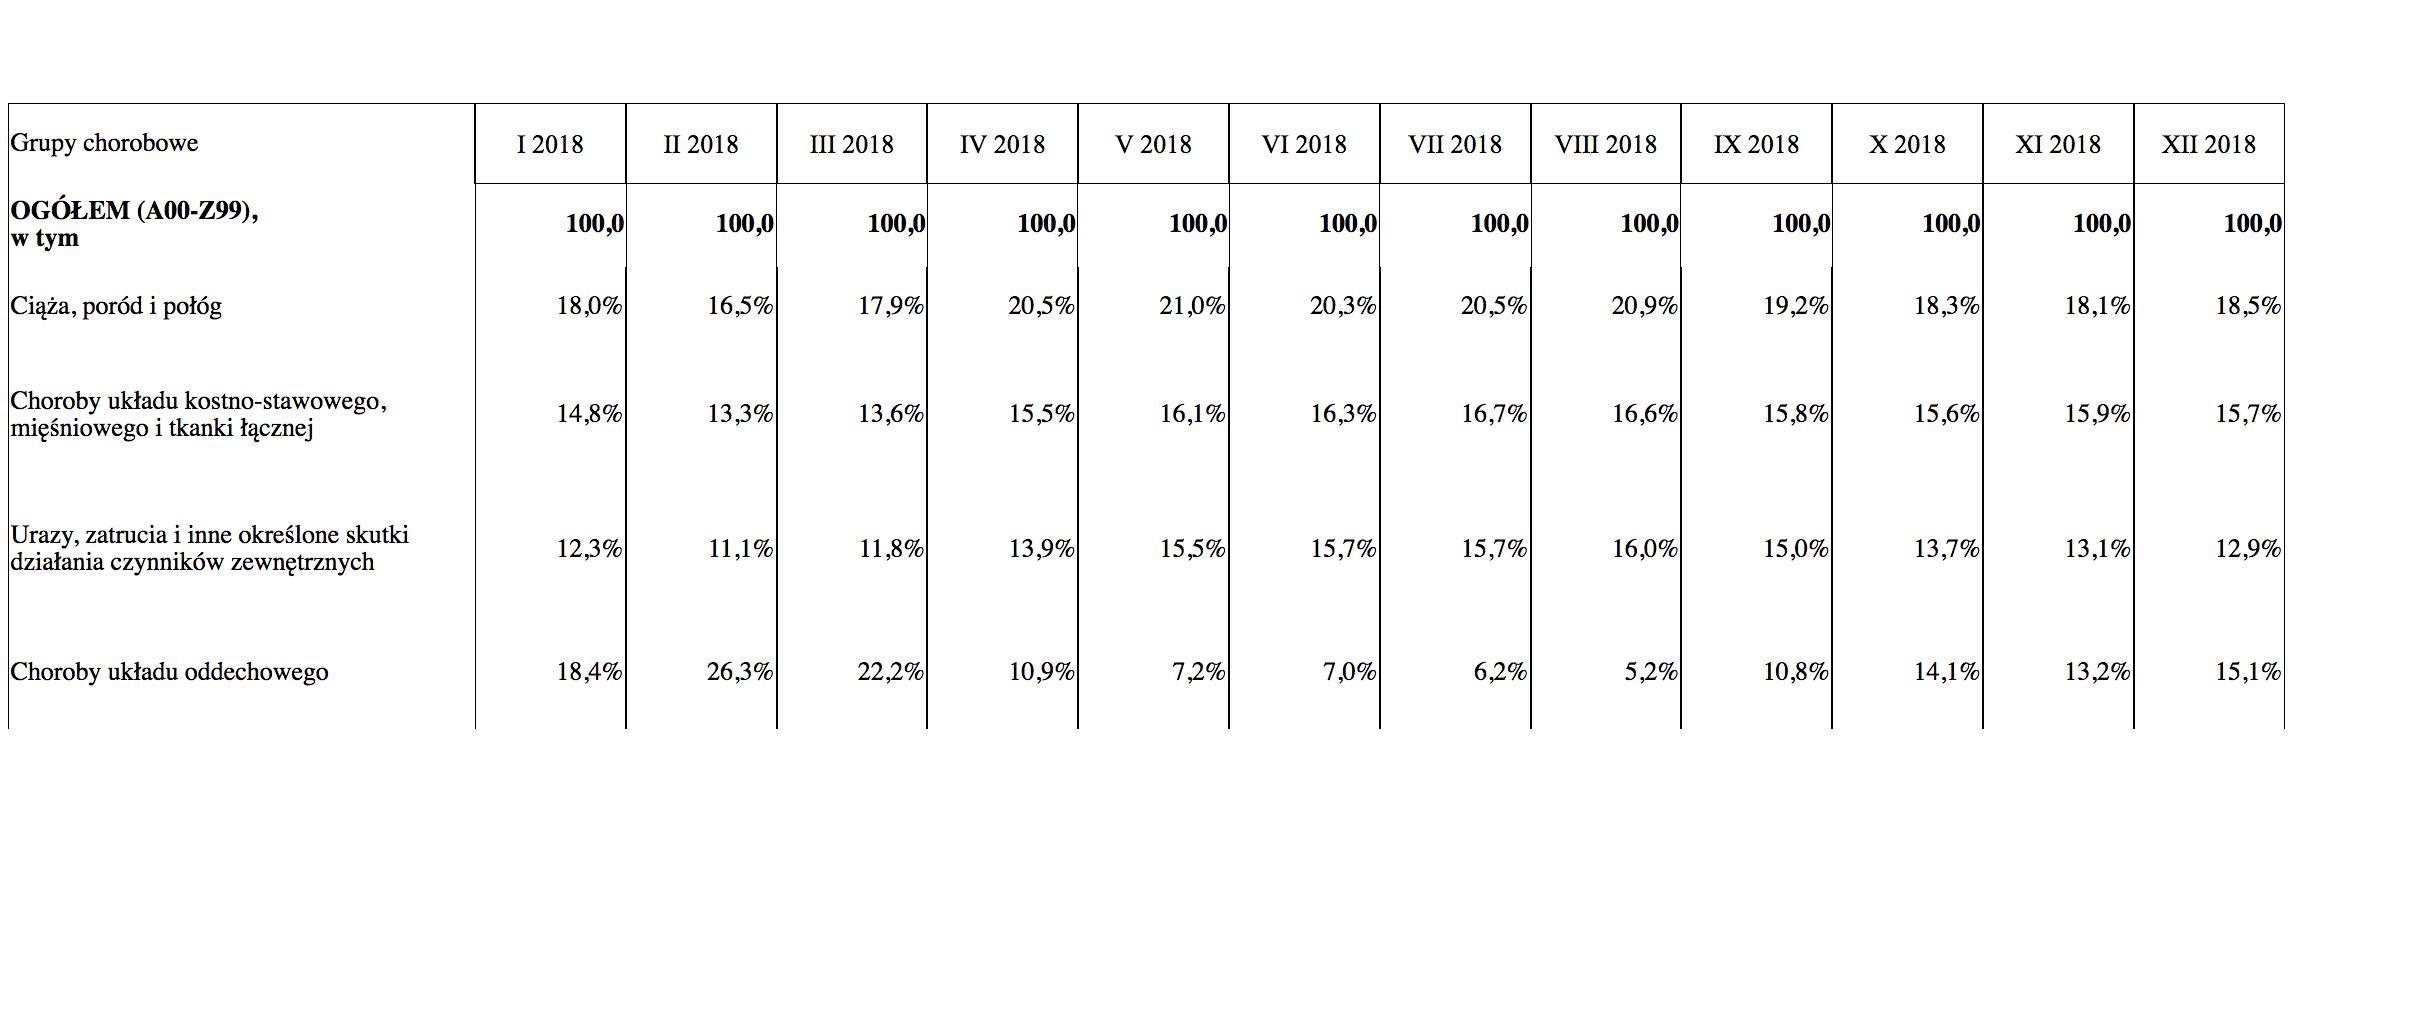 Tabela reprezentuje główne grup powodujące niezdolność do pracy Polaków w 2018 r. (źródło: ZUS)